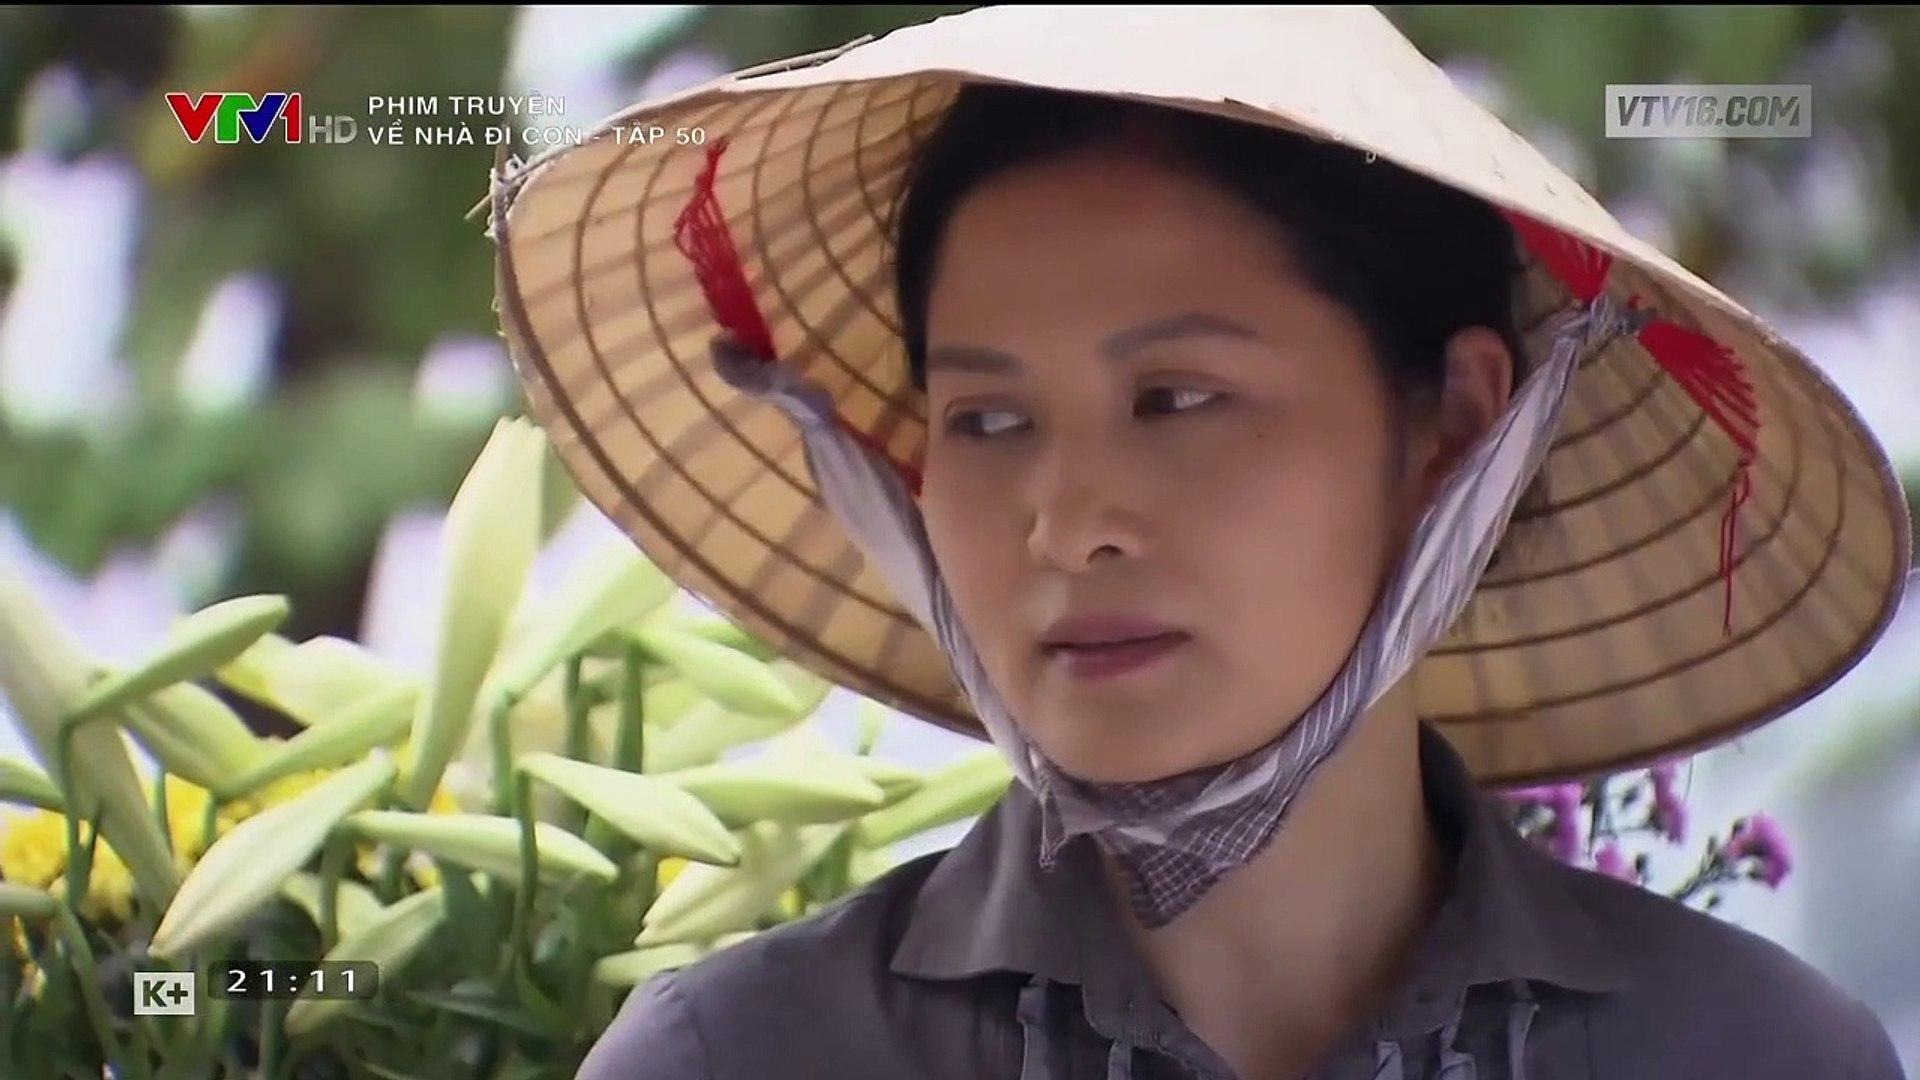 Về nhà đi con [Tập 50 HD] | Phim Việt Nam 2019 | Bản chuẩn VTV